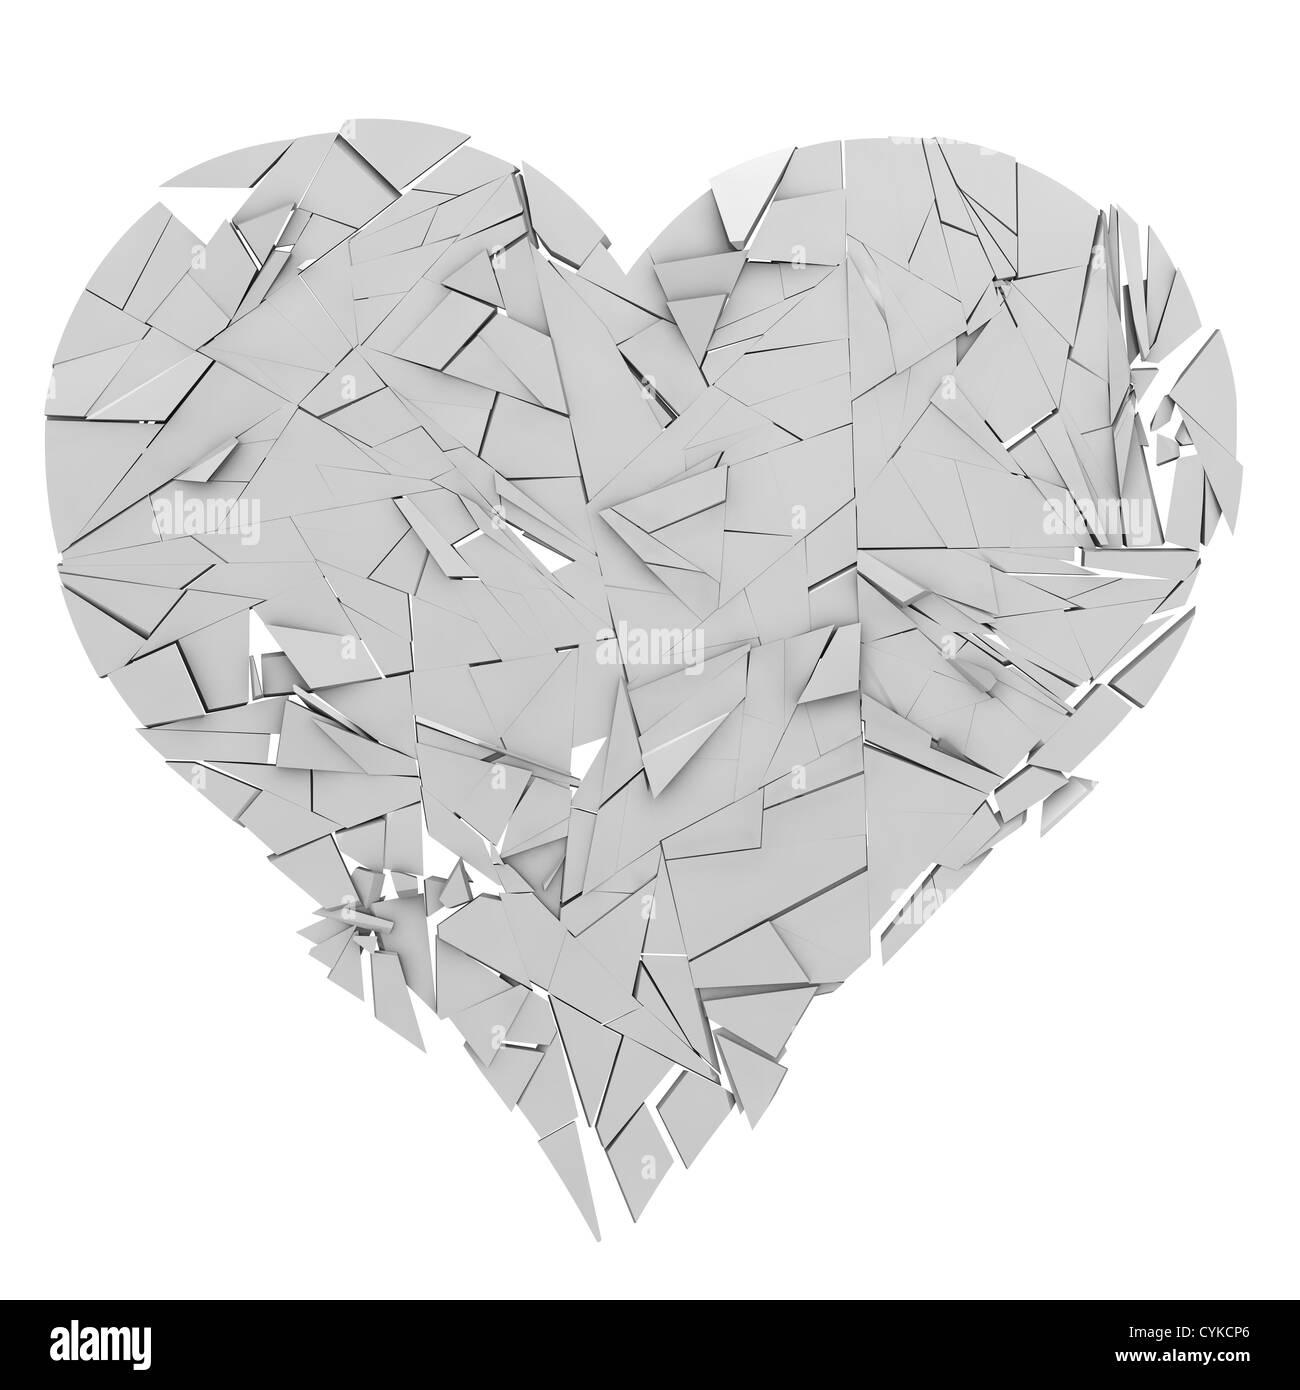 Ein Herz liegt in Trümmern Stockfoto, Bild: 51443566 - Alamy